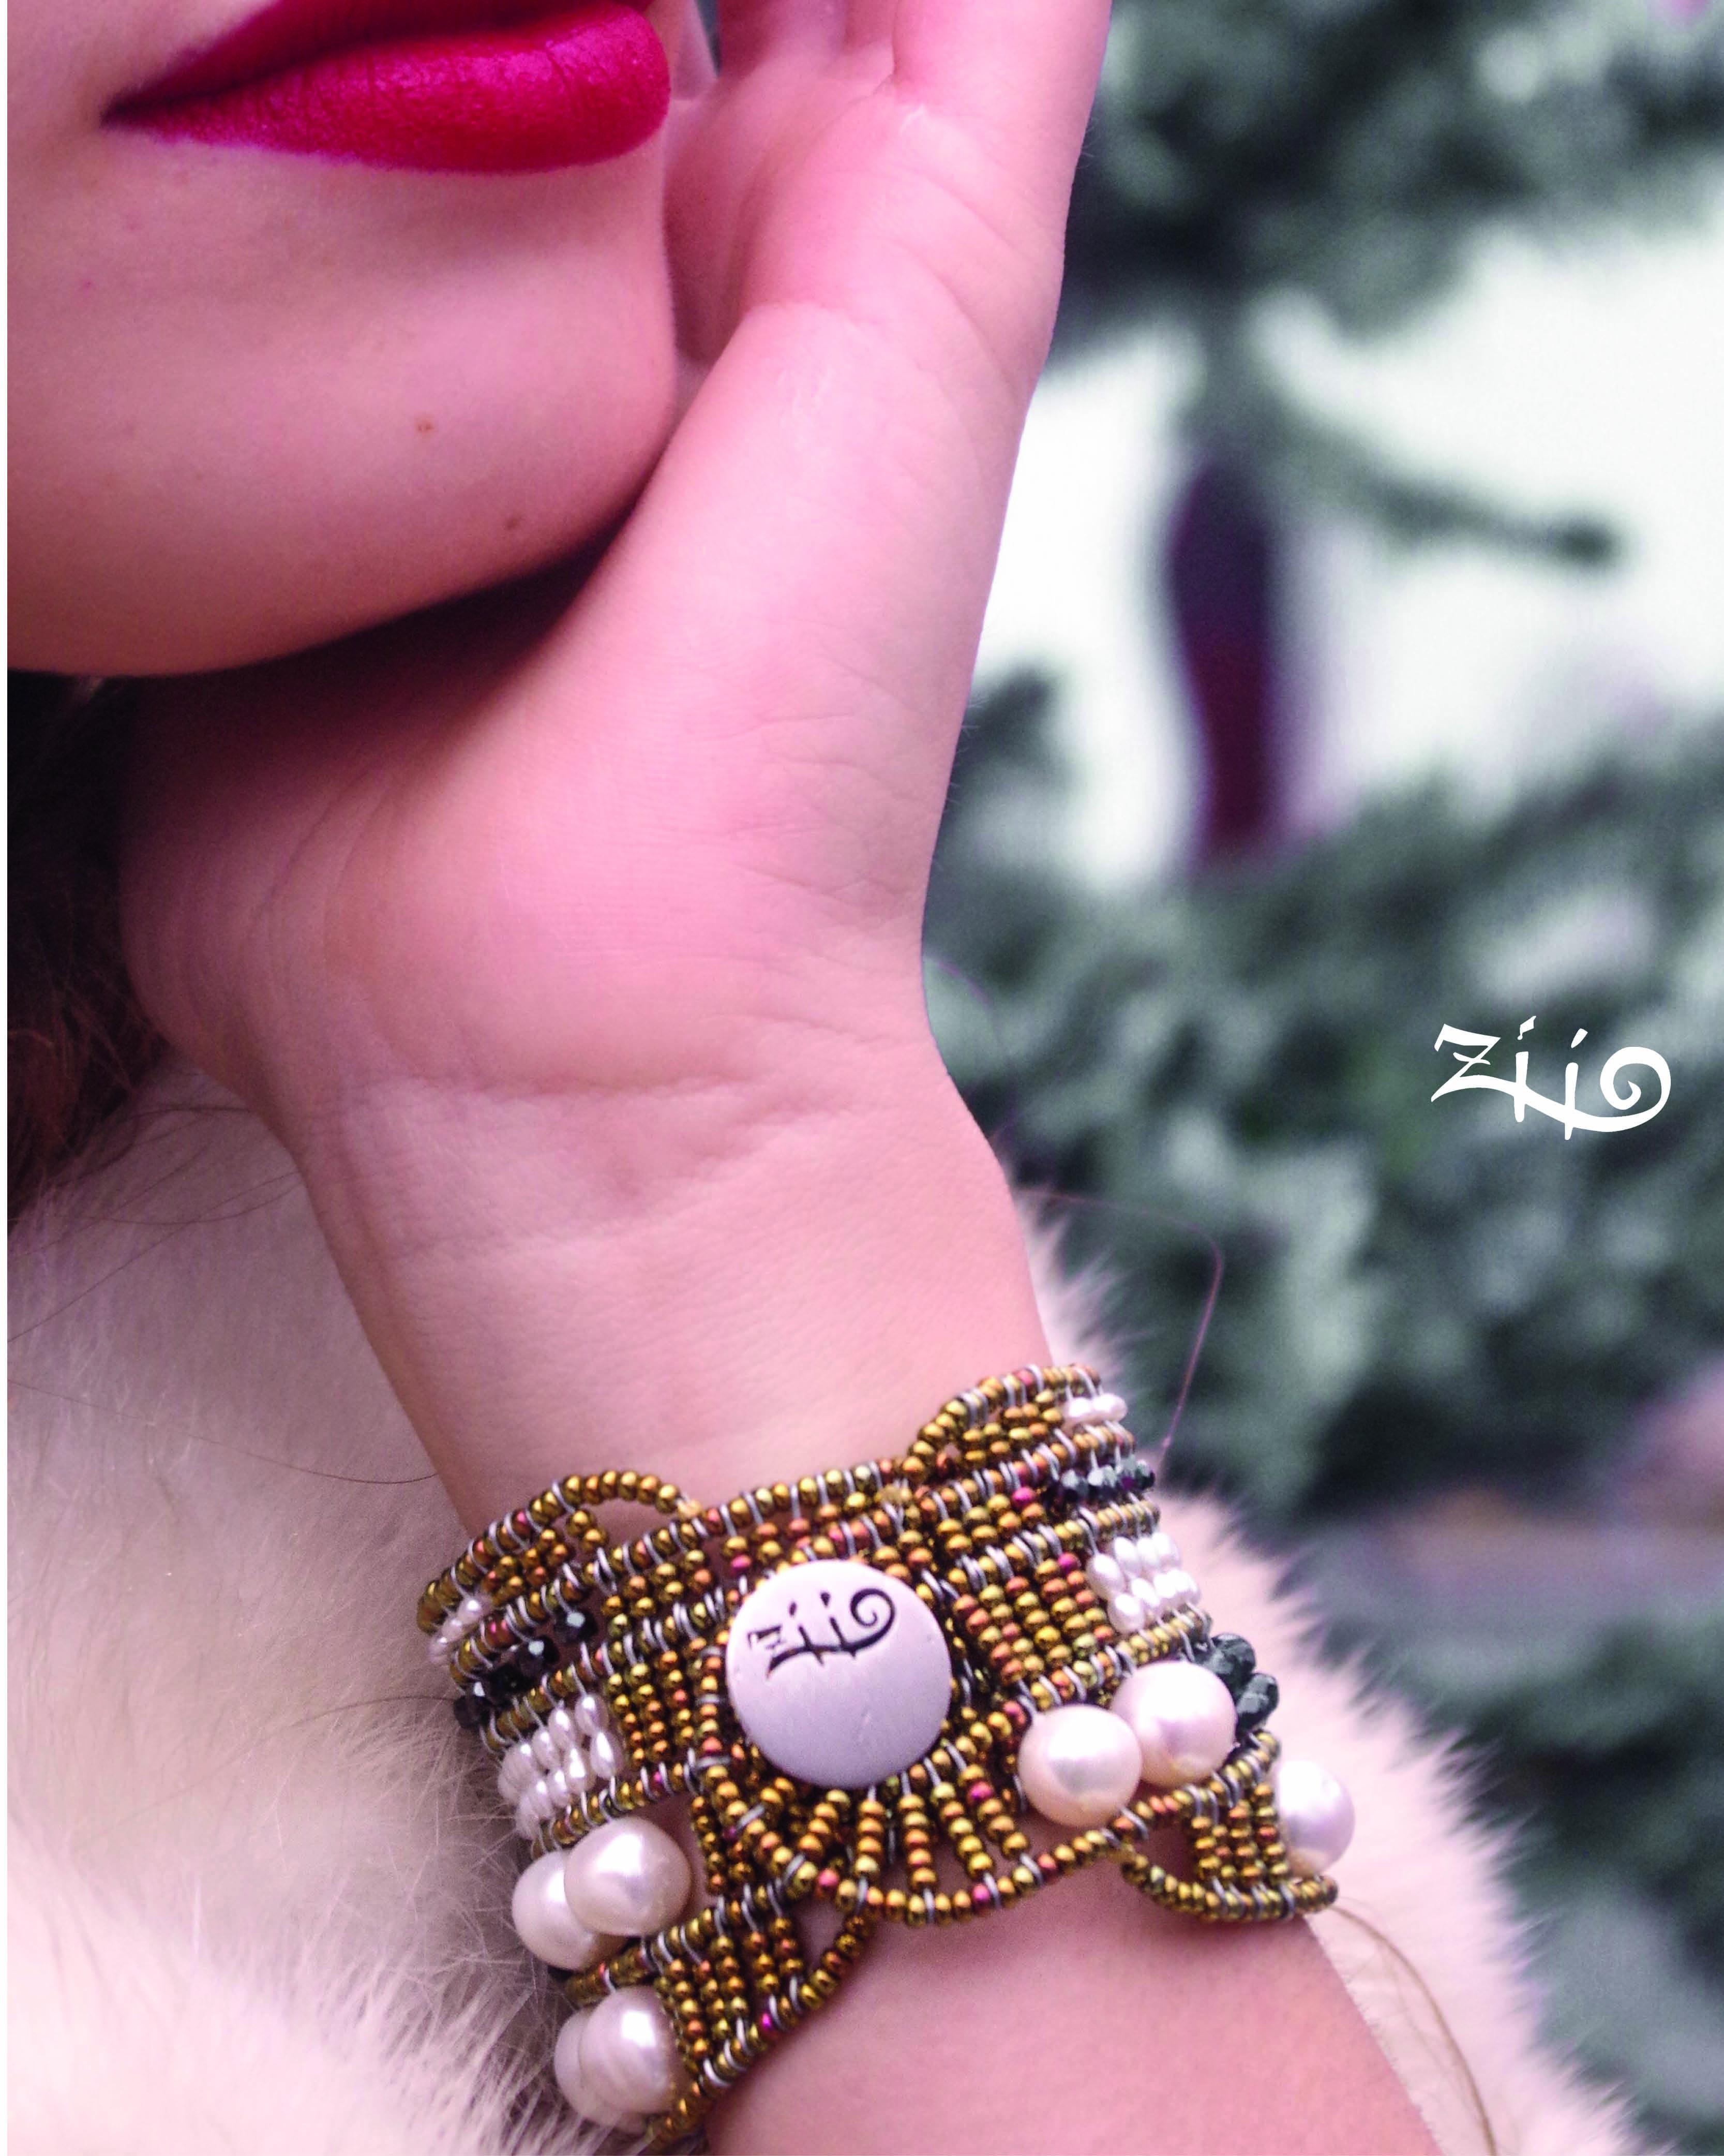 Ziio-Jewels-Christmas 2019-2-Bracelet-monocromo-Baroque